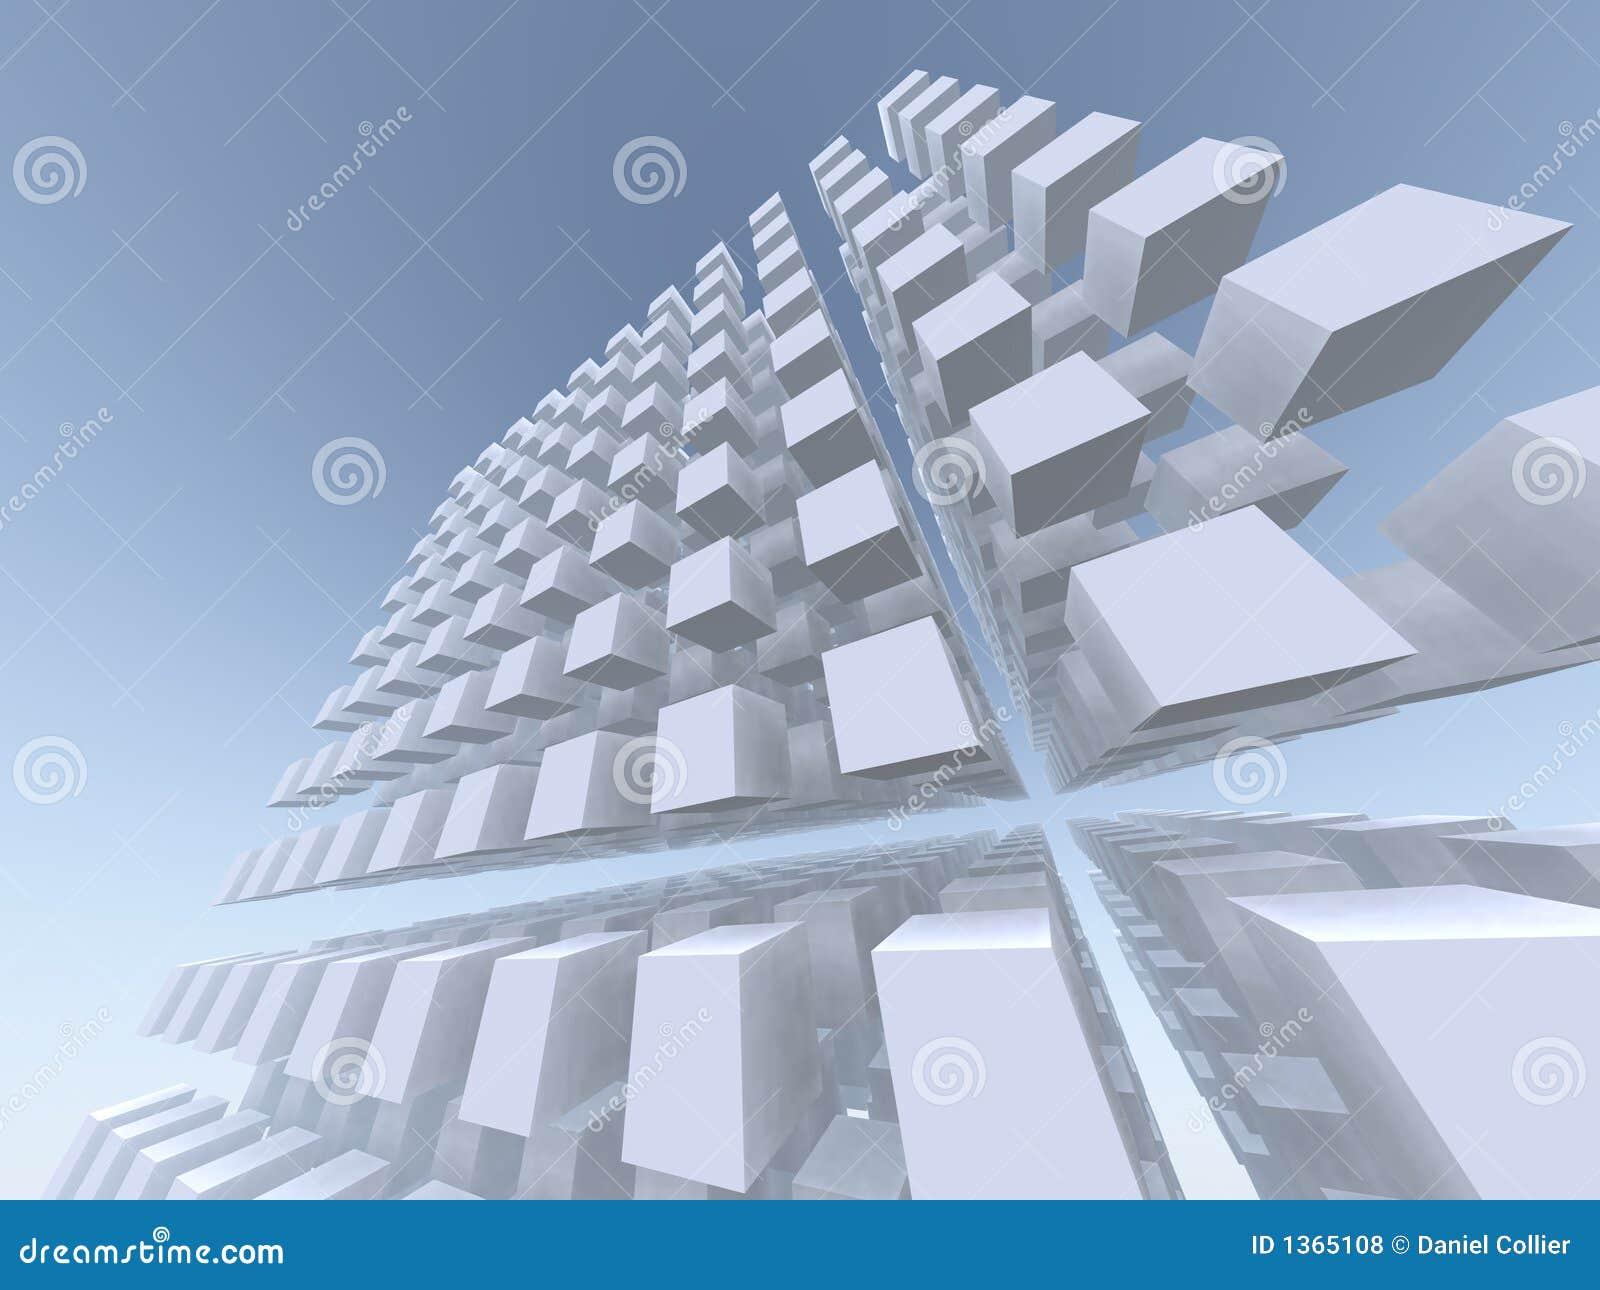 Tabella alta e vertiginosa del cubo